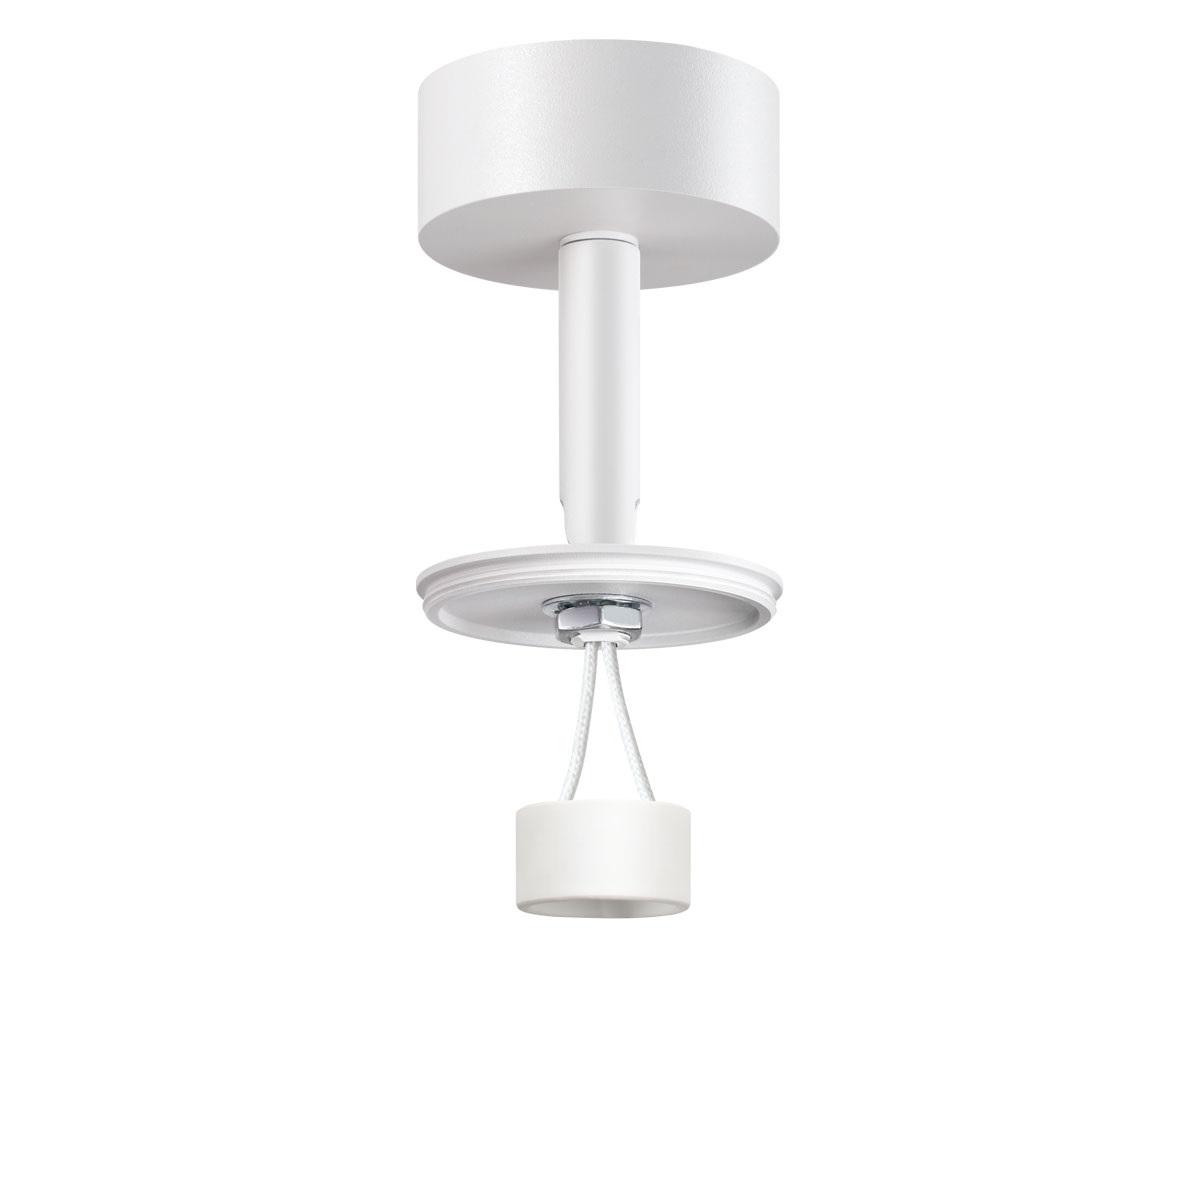 Светильник Novotech 370687 Konst (Плафоны не входят в комплект)